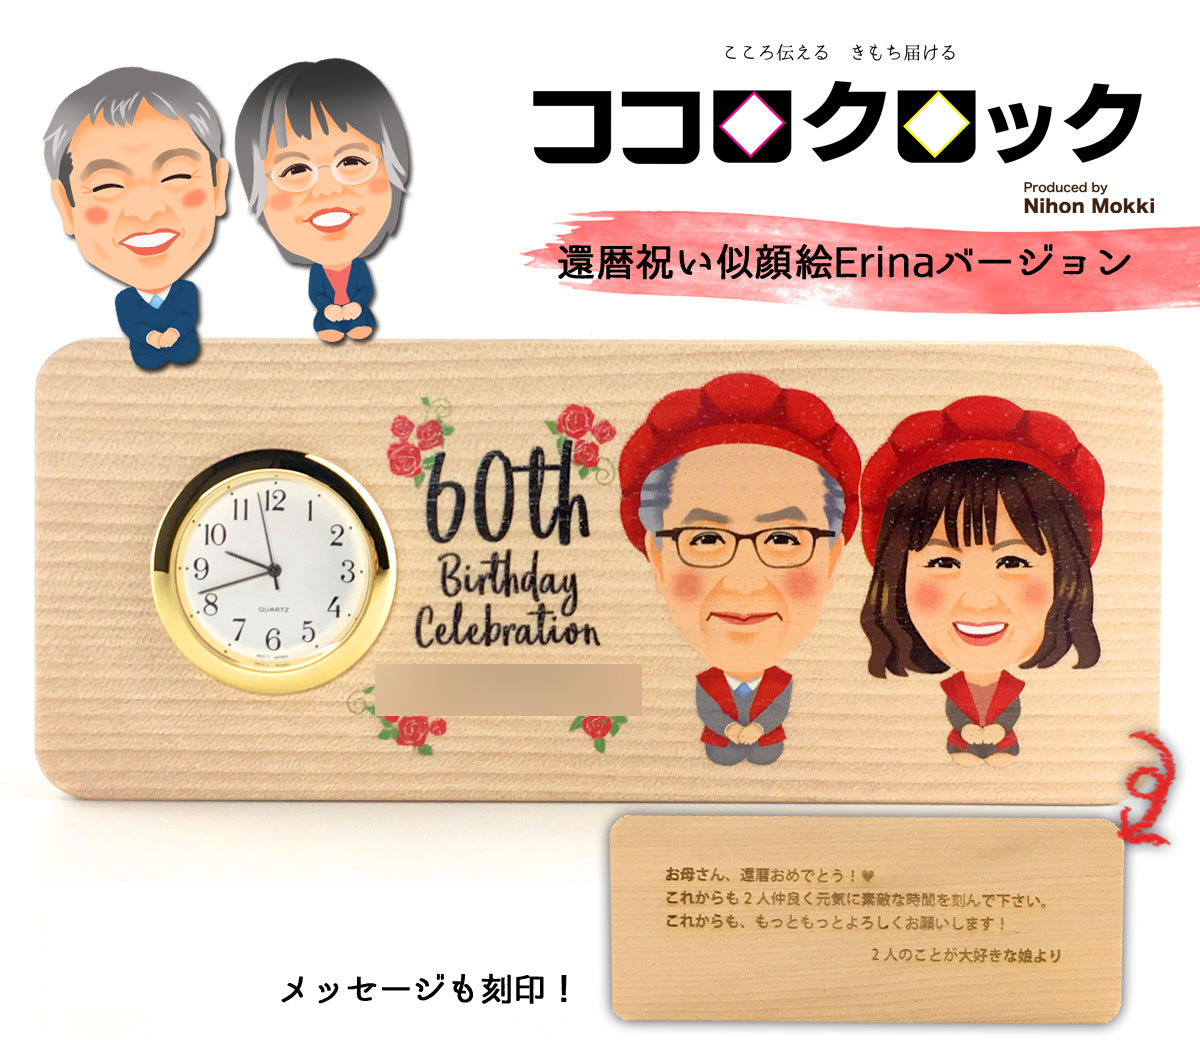 【セミ/フルオーダー 似顔絵 名入れ】ココロクロック 還暦祝い置時計2名描き(作家Erina) 長寿祝い(古希/喜寿/傘寿/米寿/卒寿/白寿)退職祝い 父の日・母の日 お好きなメッセージ刻印 SEIKO 木製 日本製